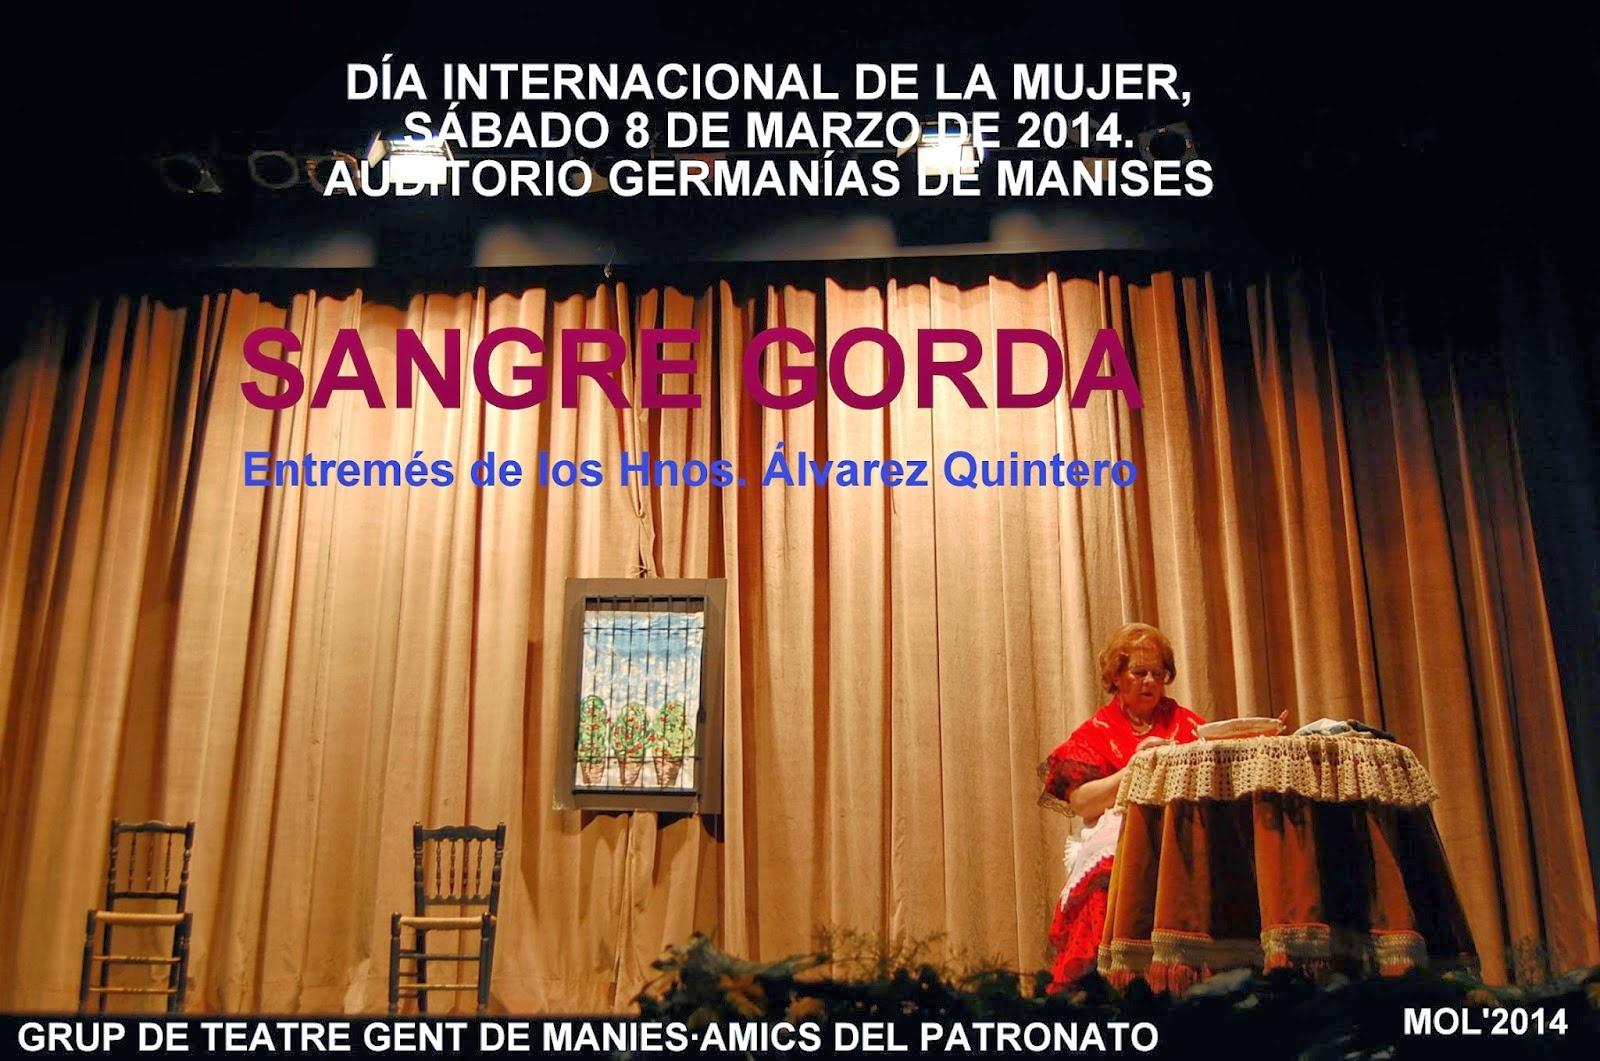 EL GRUP DE TEATRE GENT DE MANISES·AMICS DEL PATRONATO EN EL HOMENAJE A LA MUJER